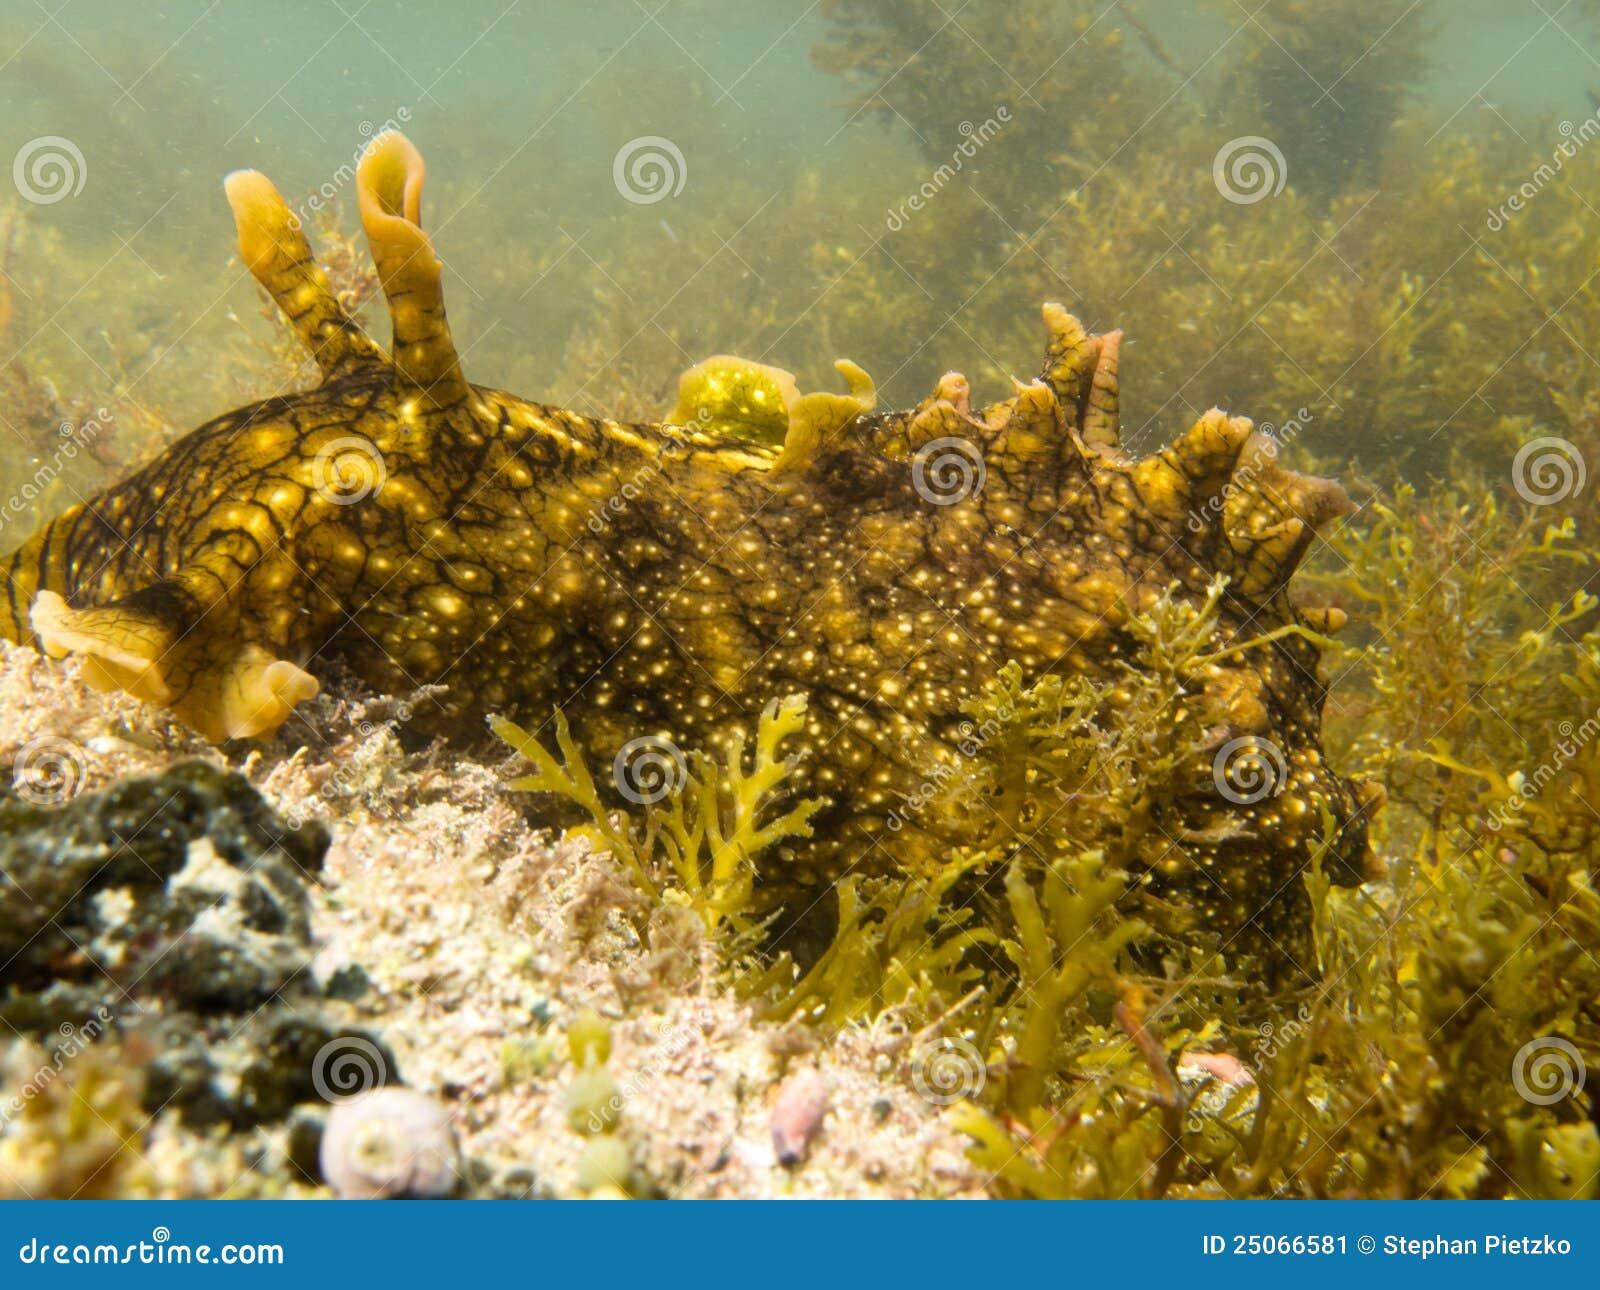 Algi duży pasają gałęzatki narastającej morskiej podrożec